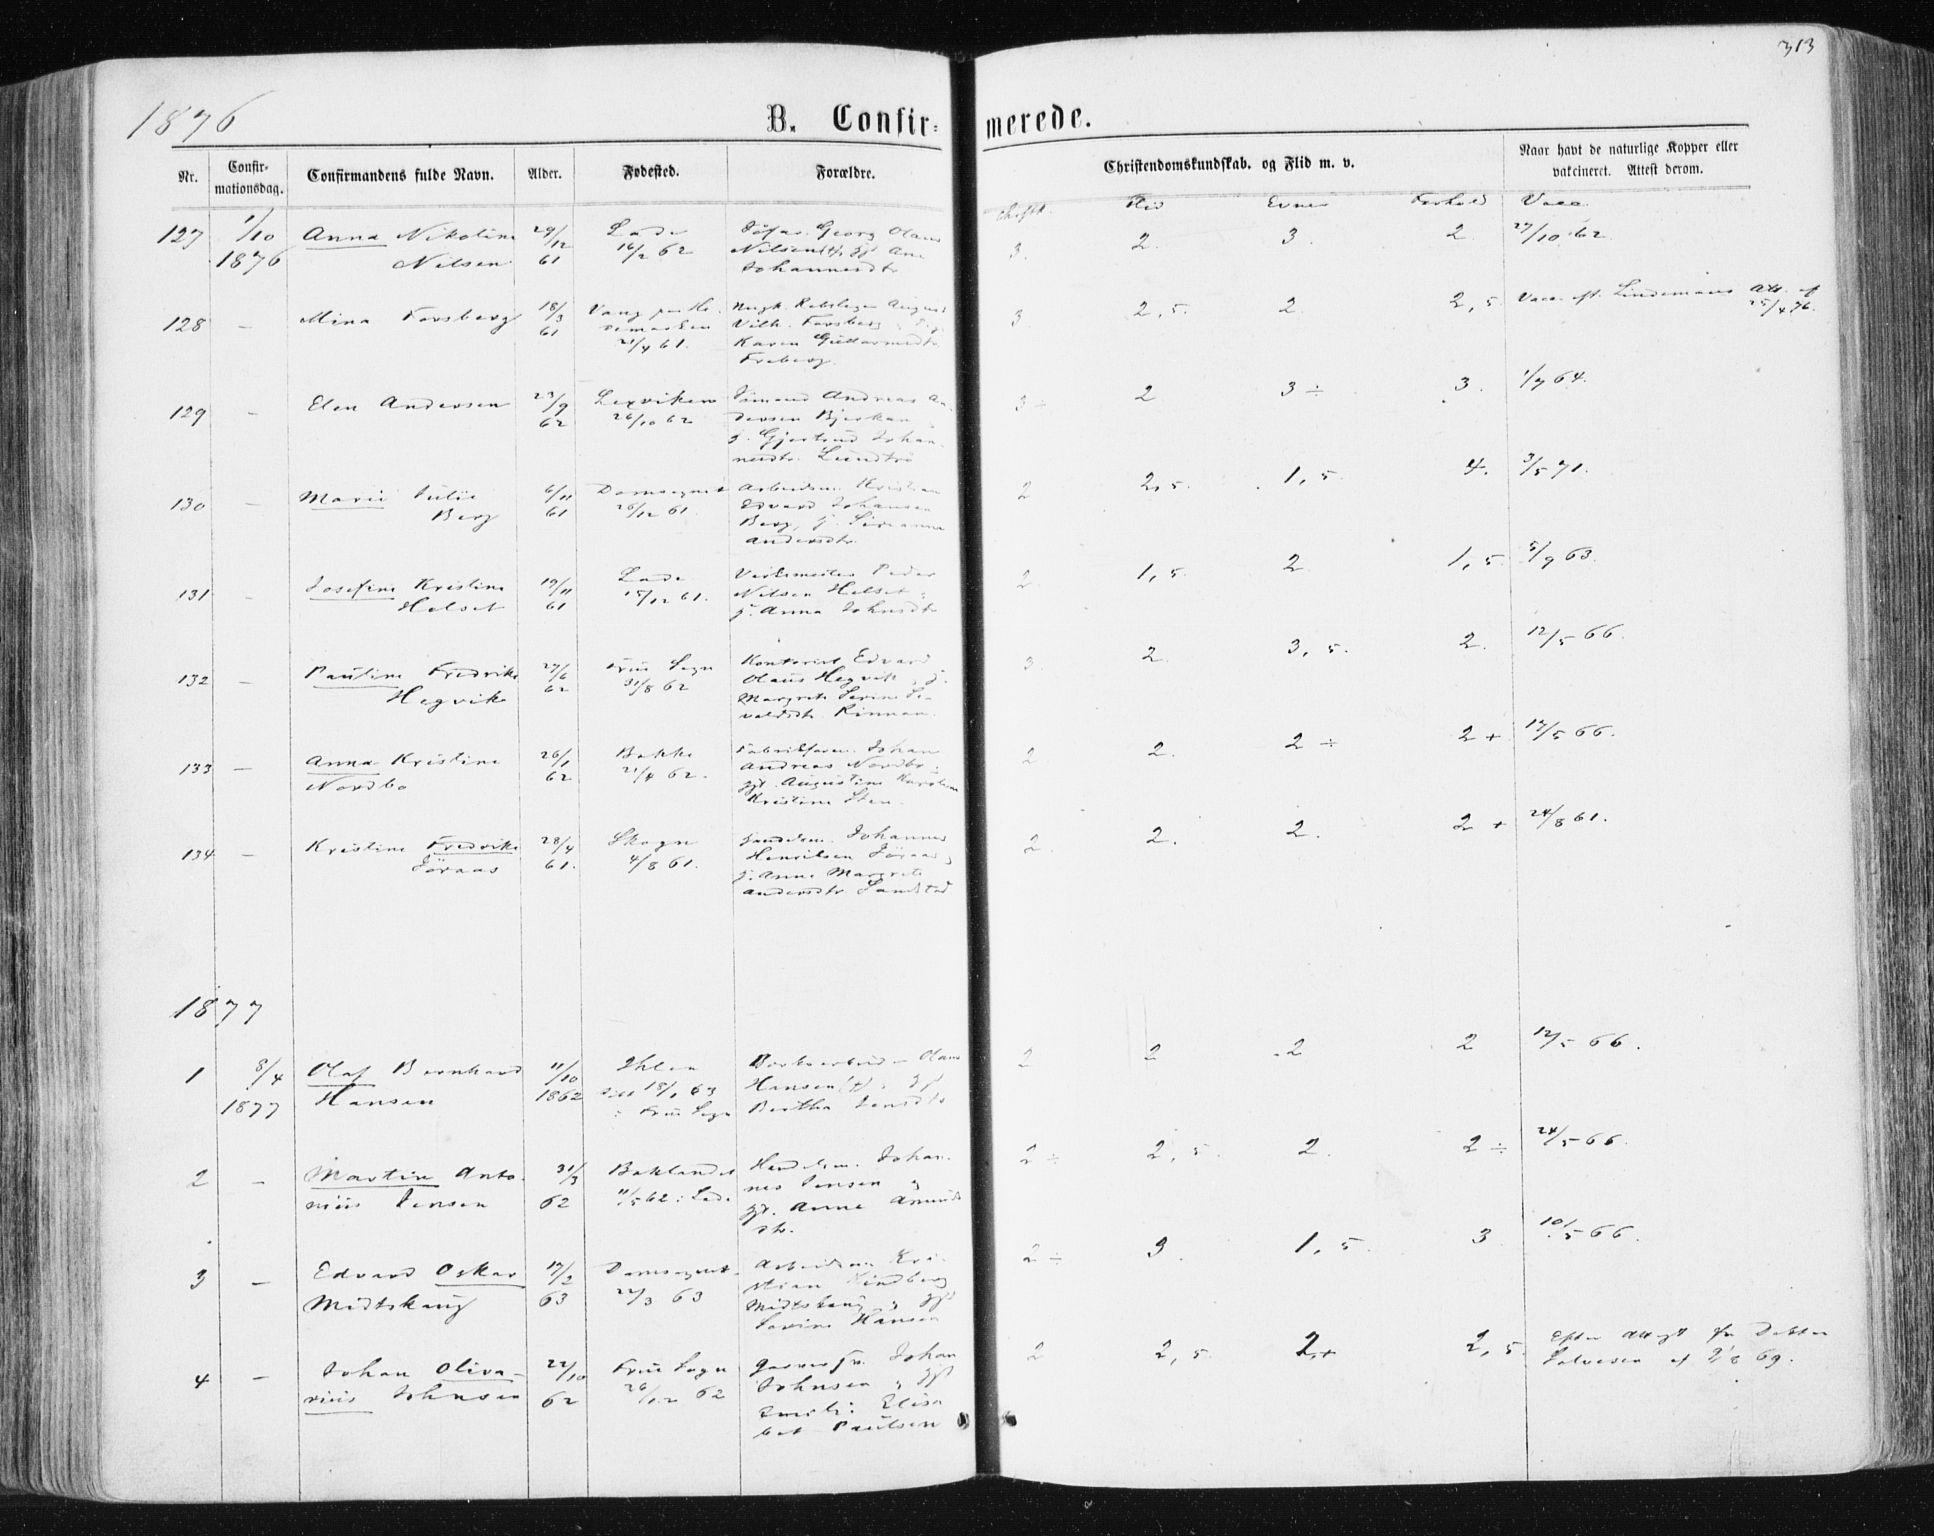 SAT, Ministerialprotokoller, klokkerbøker og fødselsregistre - Sør-Trøndelag, 604/L0186: Ministerialbok nr. 604A07, 1866-1877, s. 313